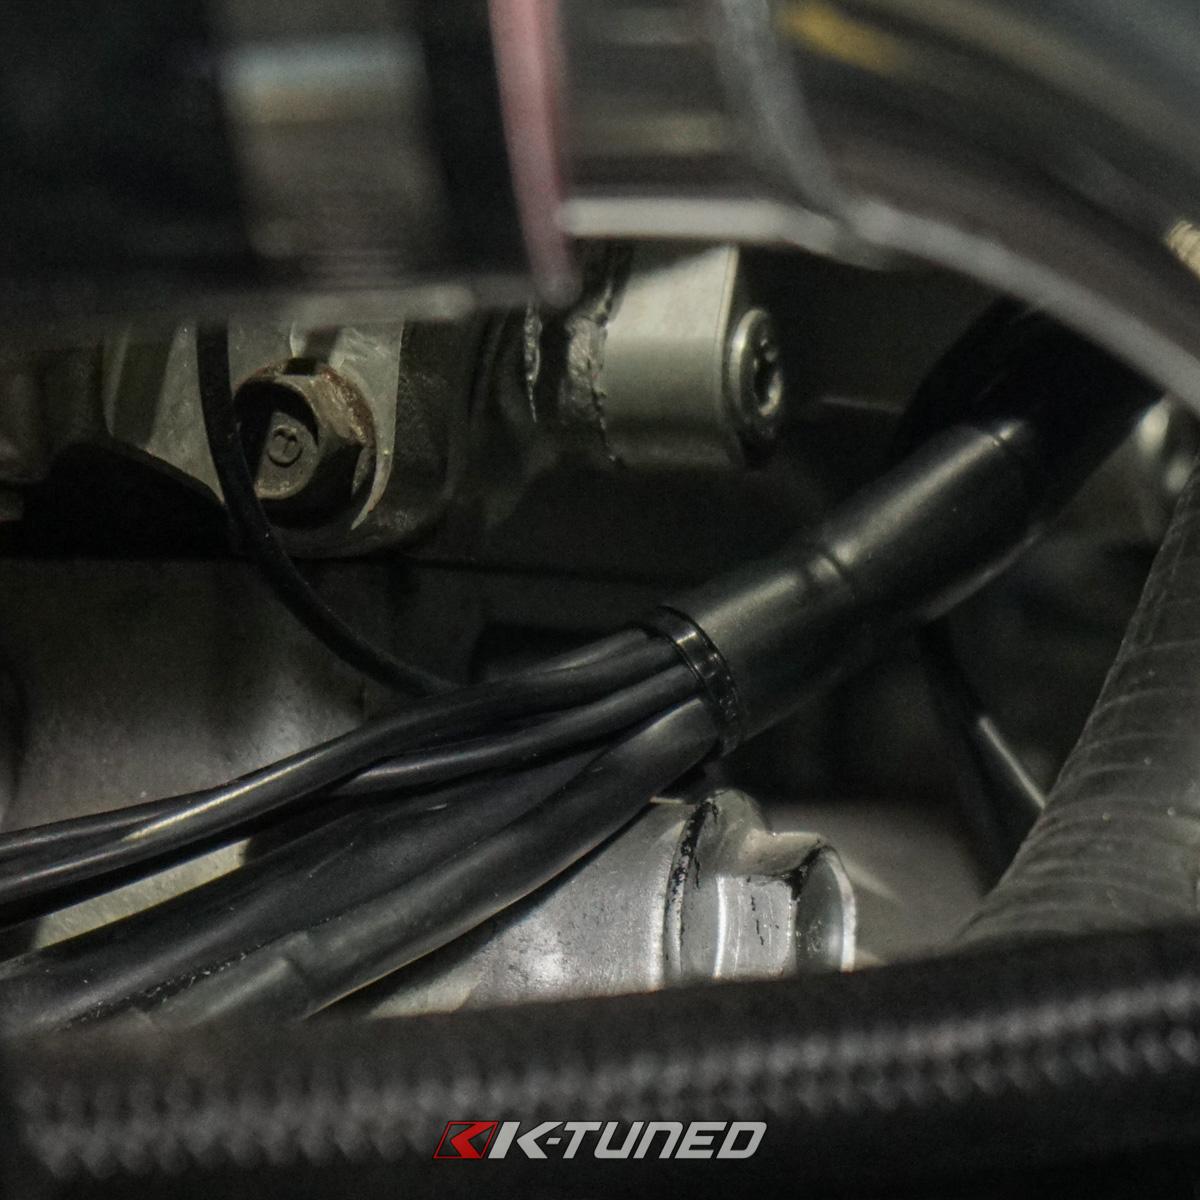 K-Series Tucked Engine Harness on